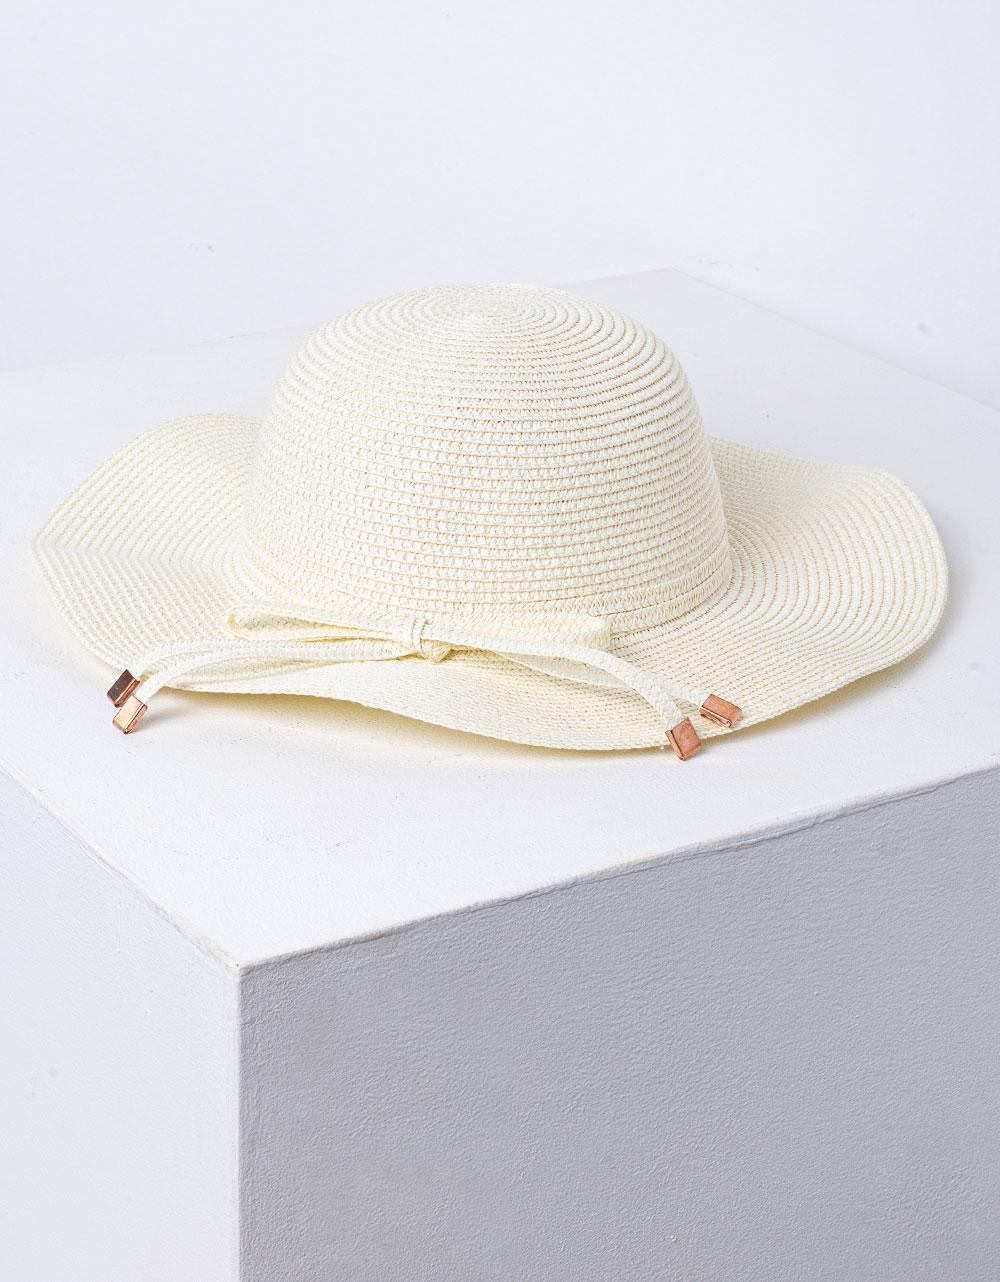 Εικόνα από Γυναικείο καπέλο ψάθινο με κορδόνι Φυσικό